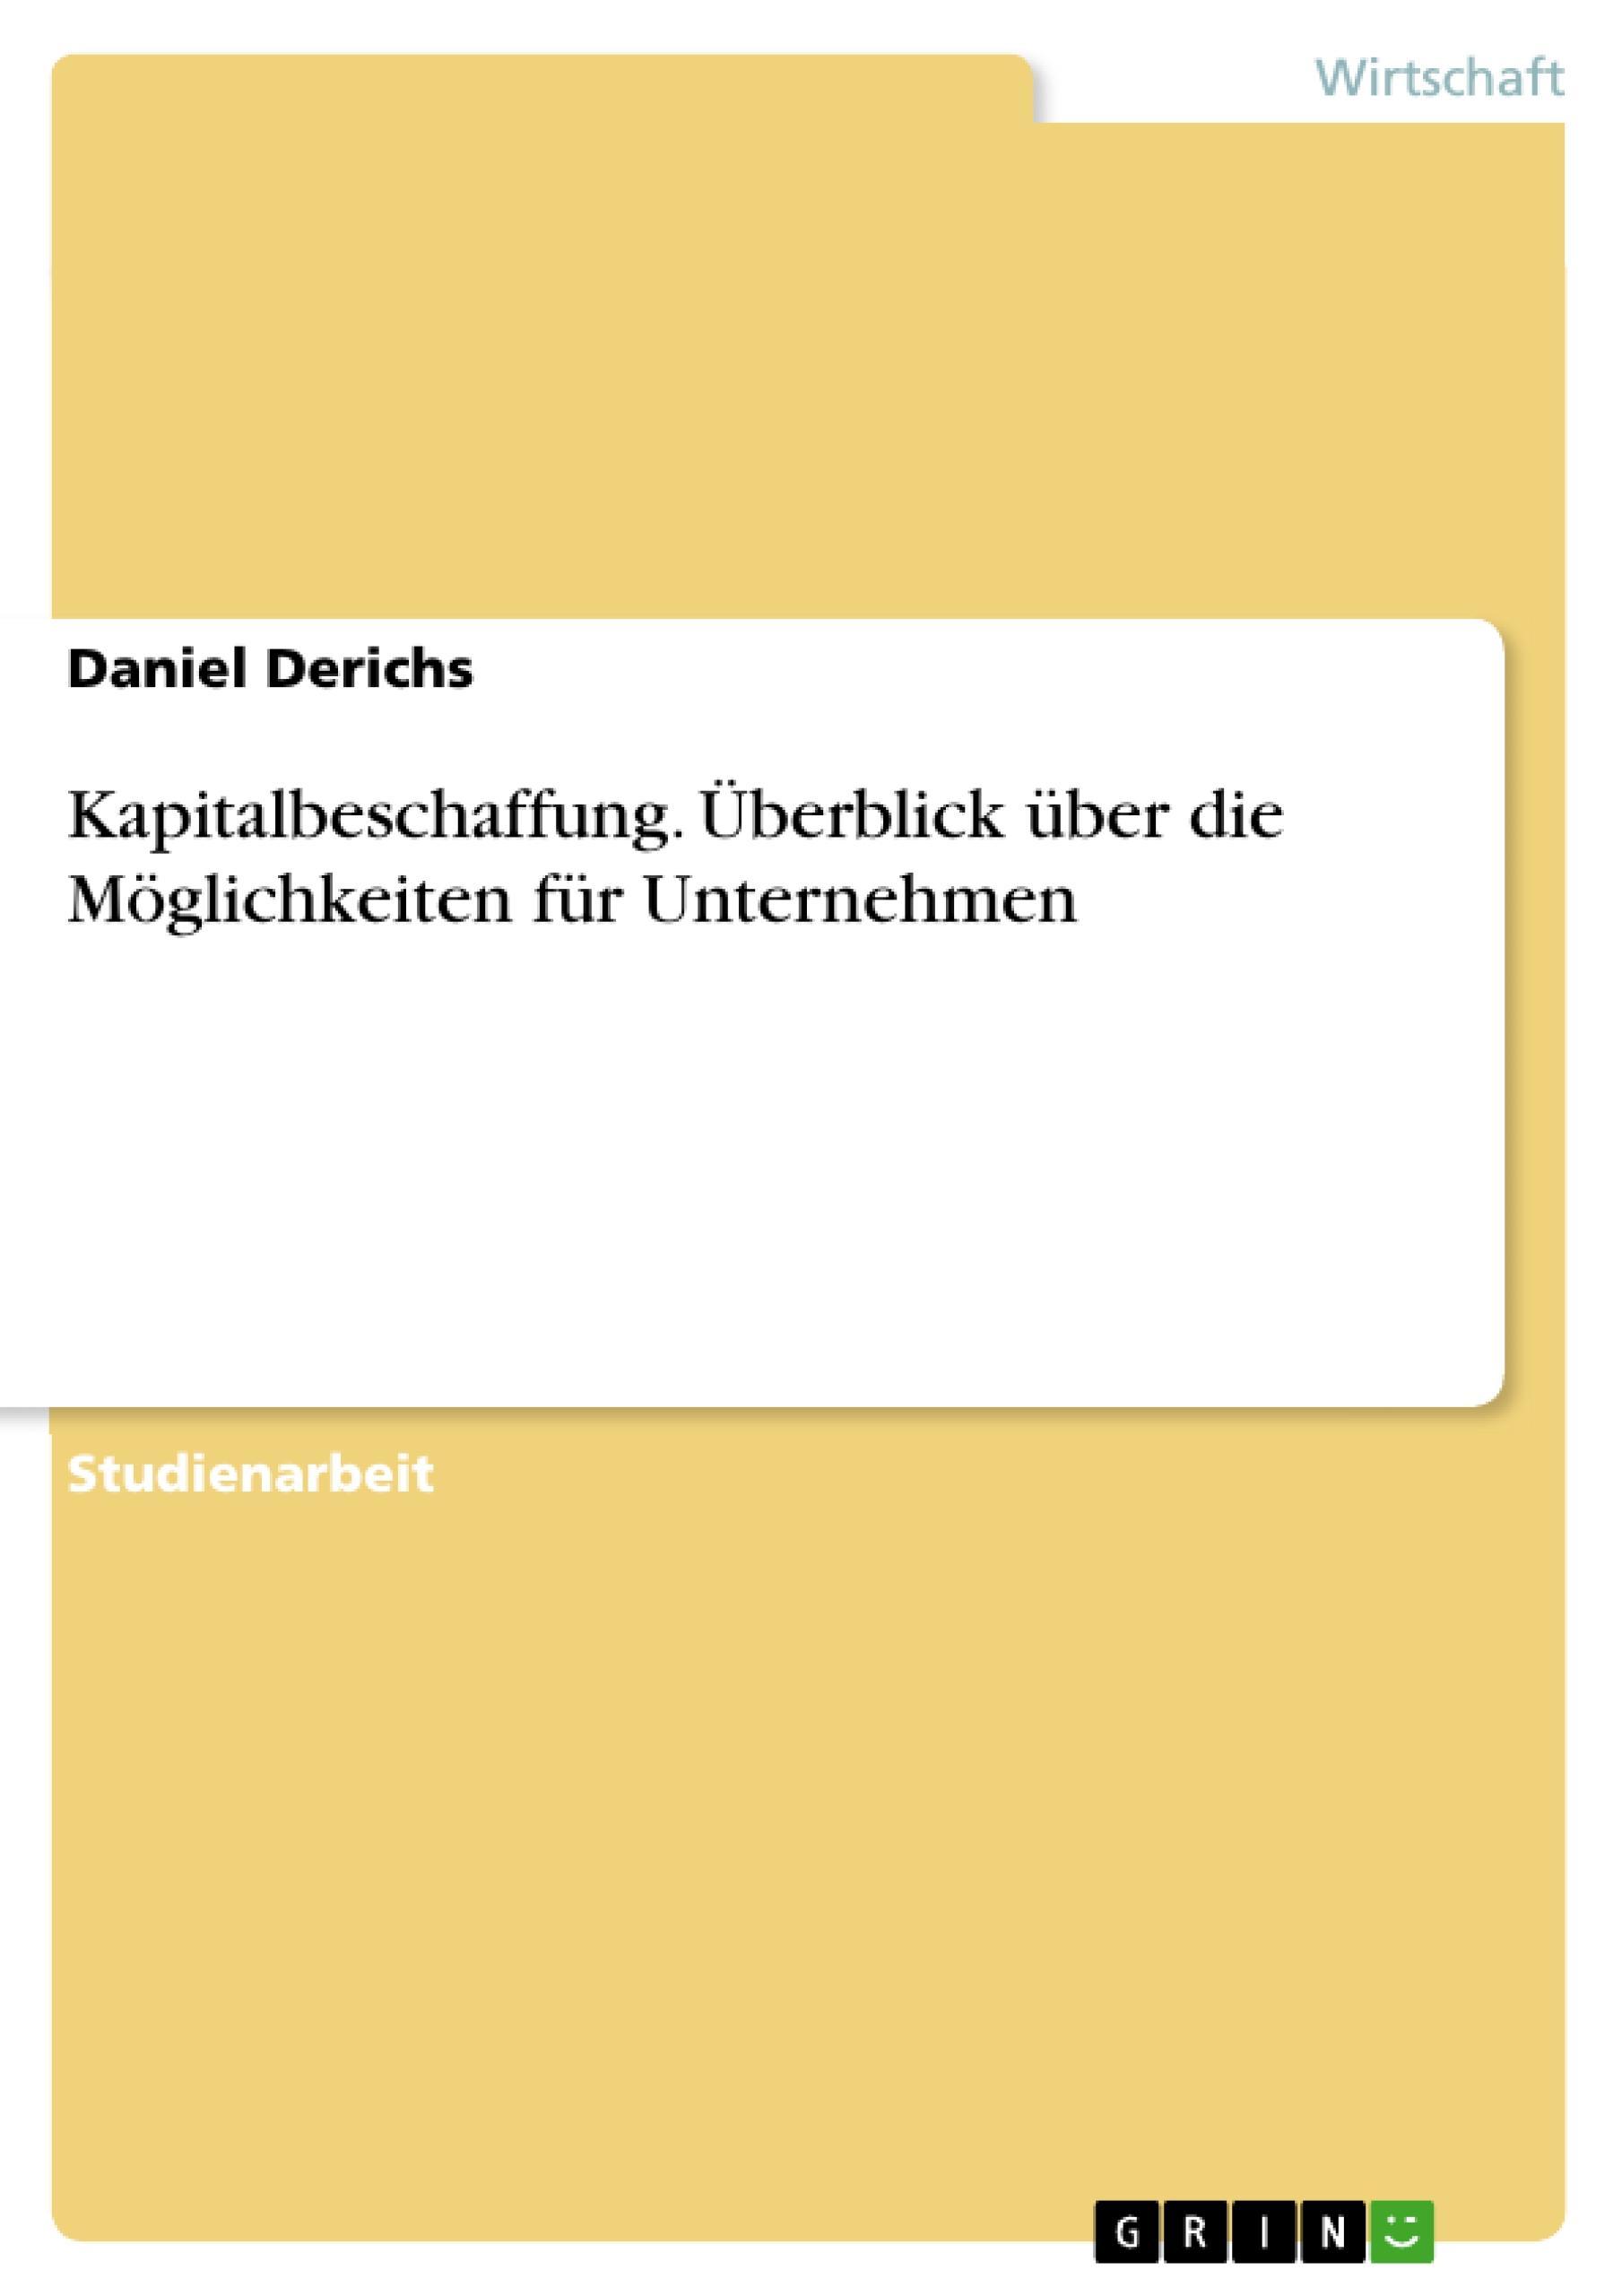 Kapitalbeschaffung. Überblick über die Möglichkeiten für Unternehmen  Daniel Derichs  Broschüre  Deutsch  2010 - Derichs, Daniel